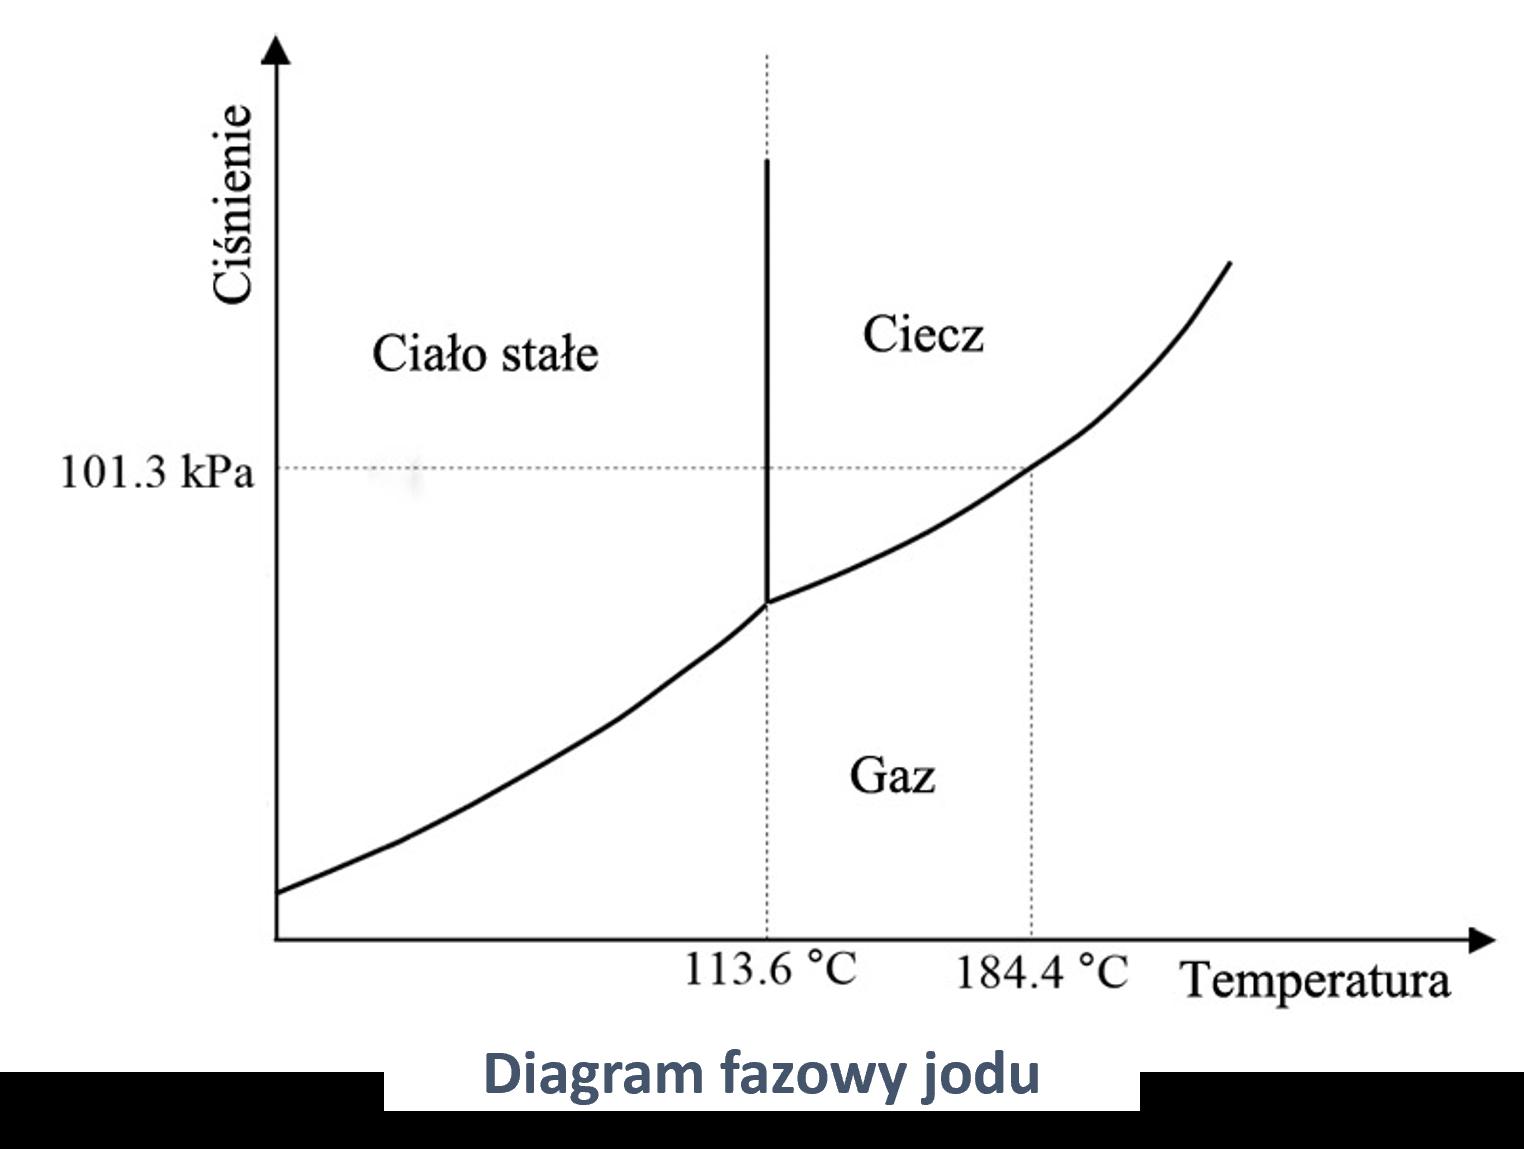 Diagramy fazowe na przykładzie jodu